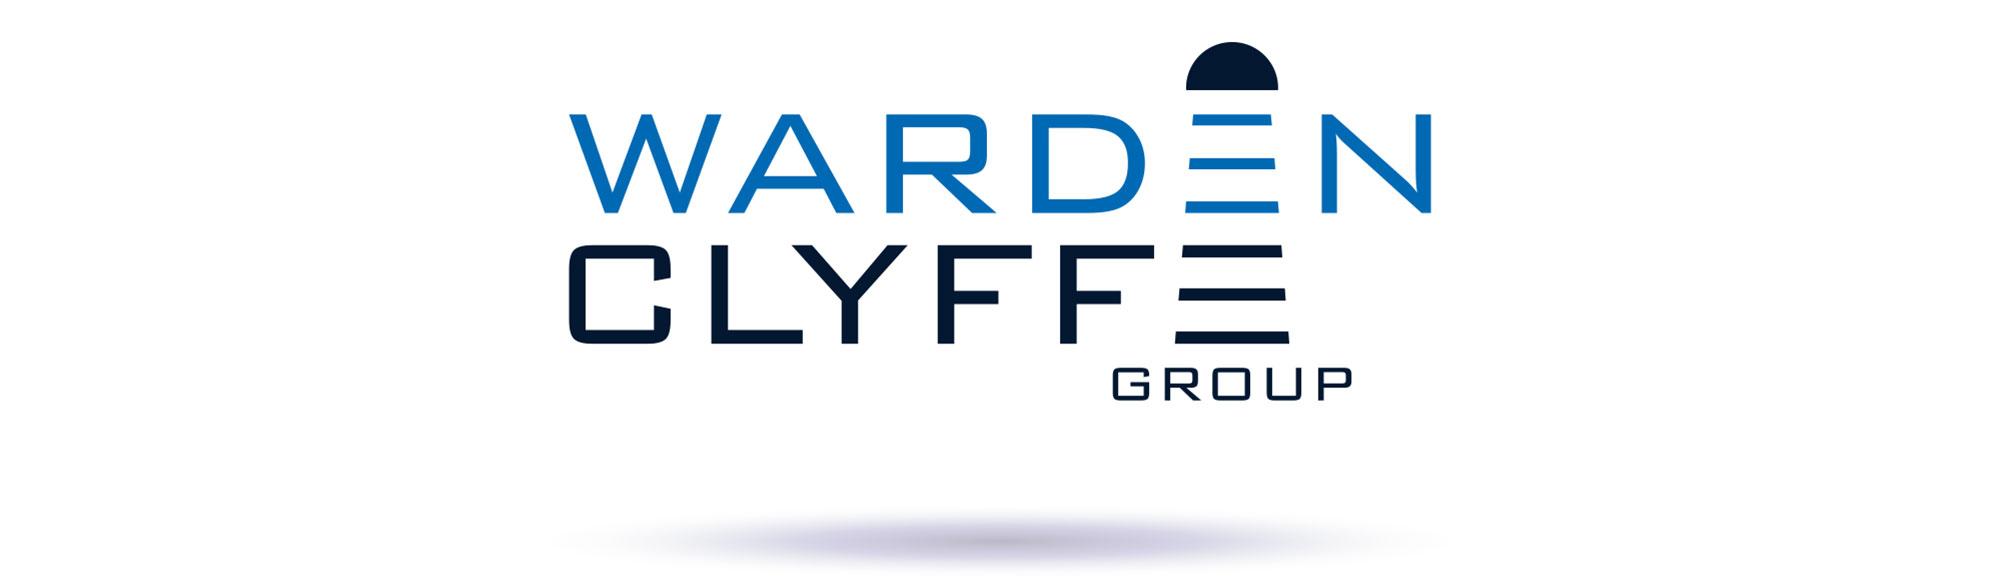 wardenclyffe logo 1